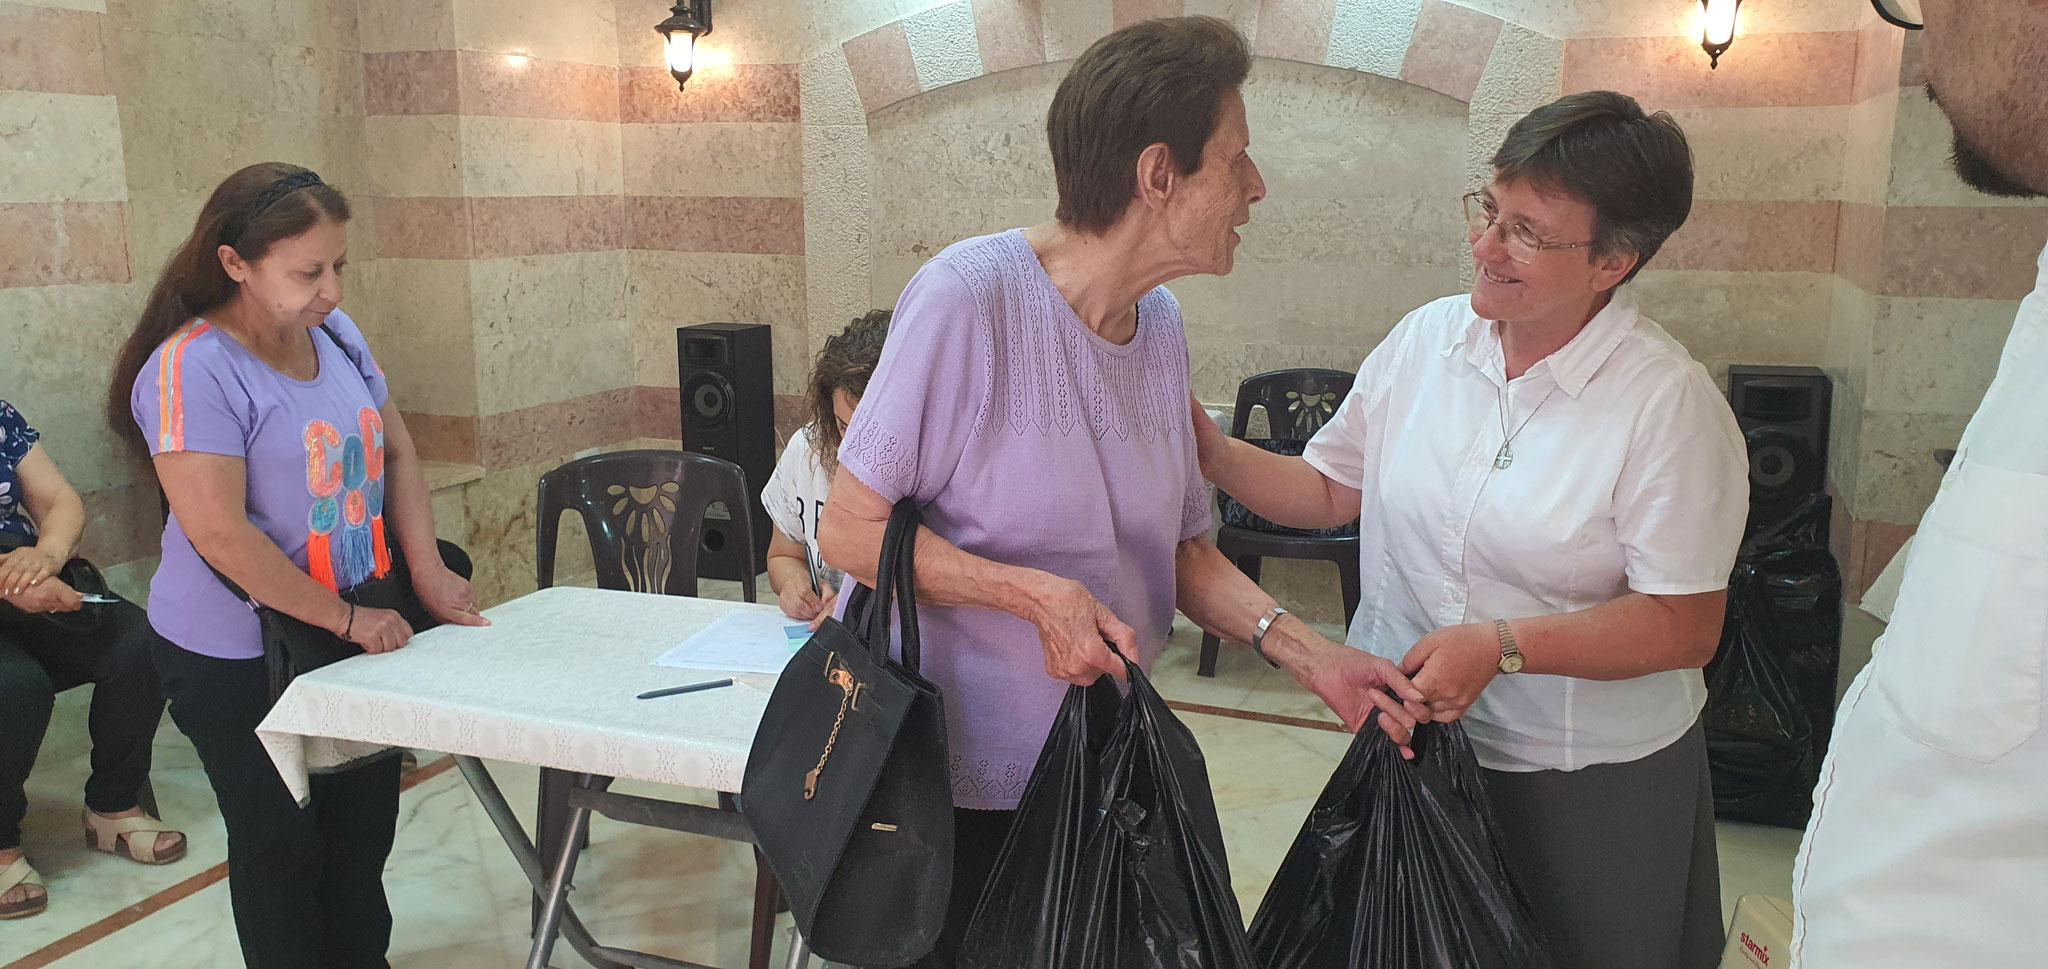 Lebensmittelverteilung durch die Pfarre St. Francis in Aleppo